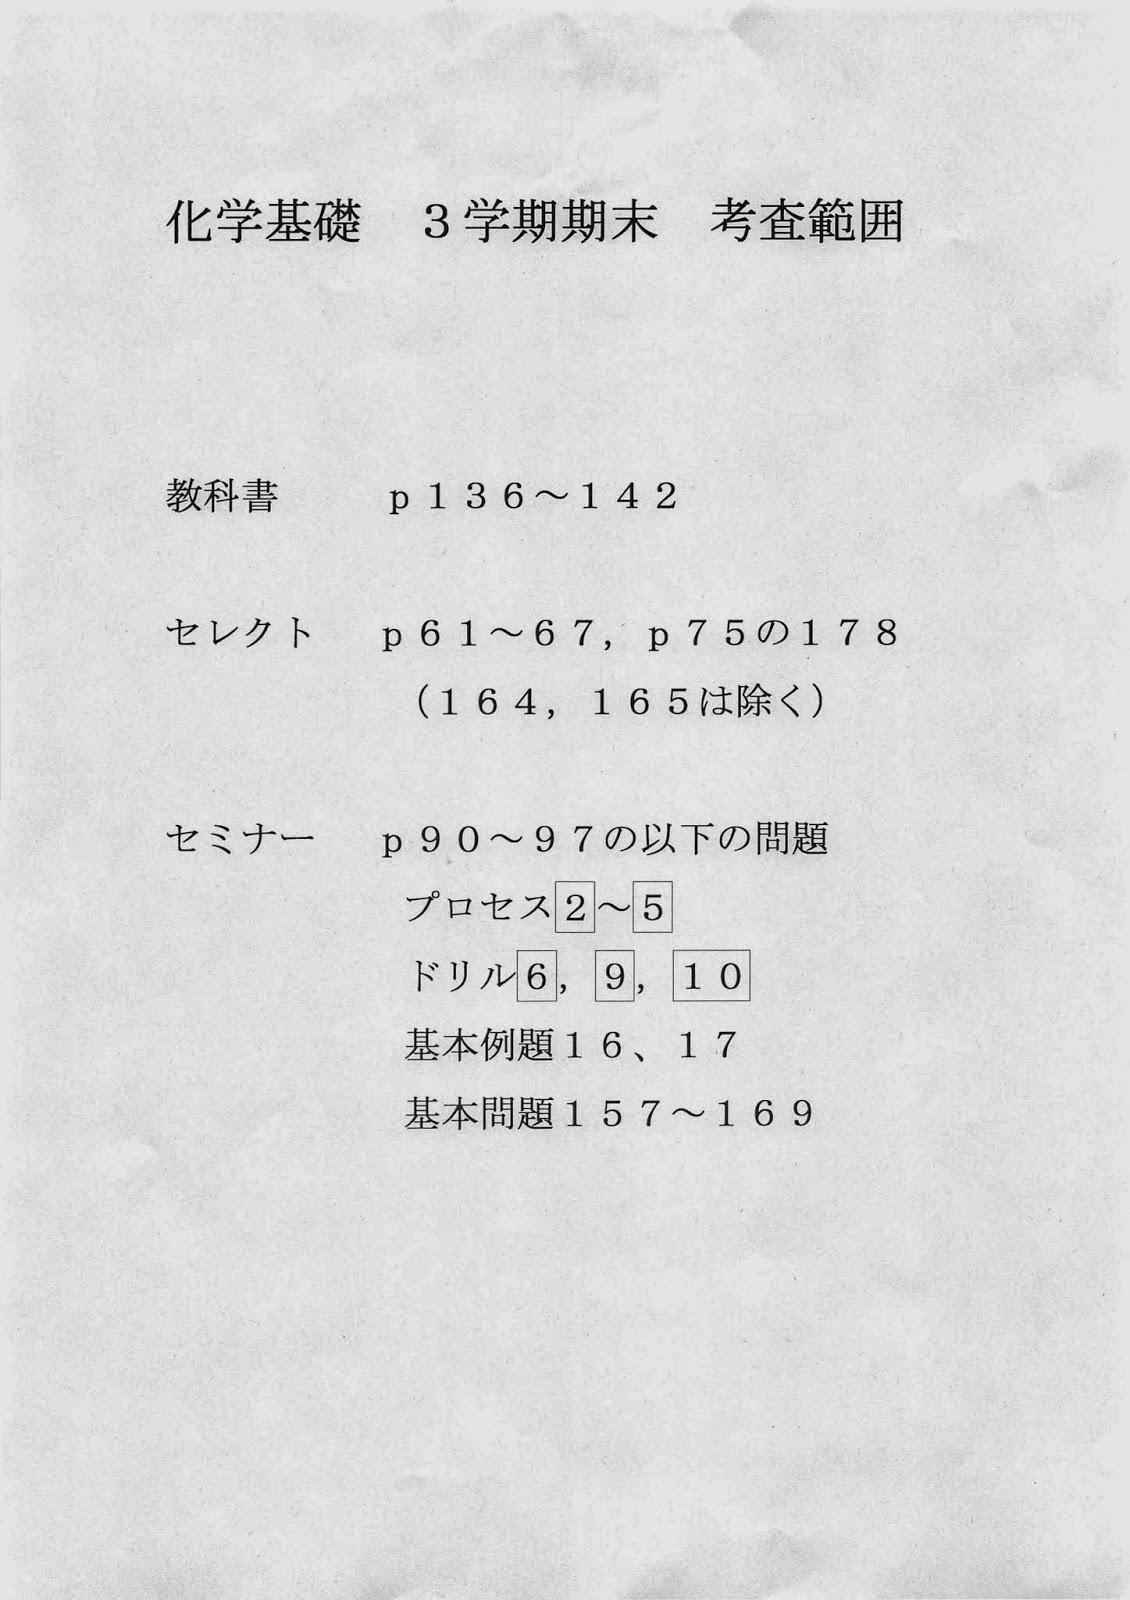 中野西高校30期生: ☆3学期期末考査範囲(化学基礎)